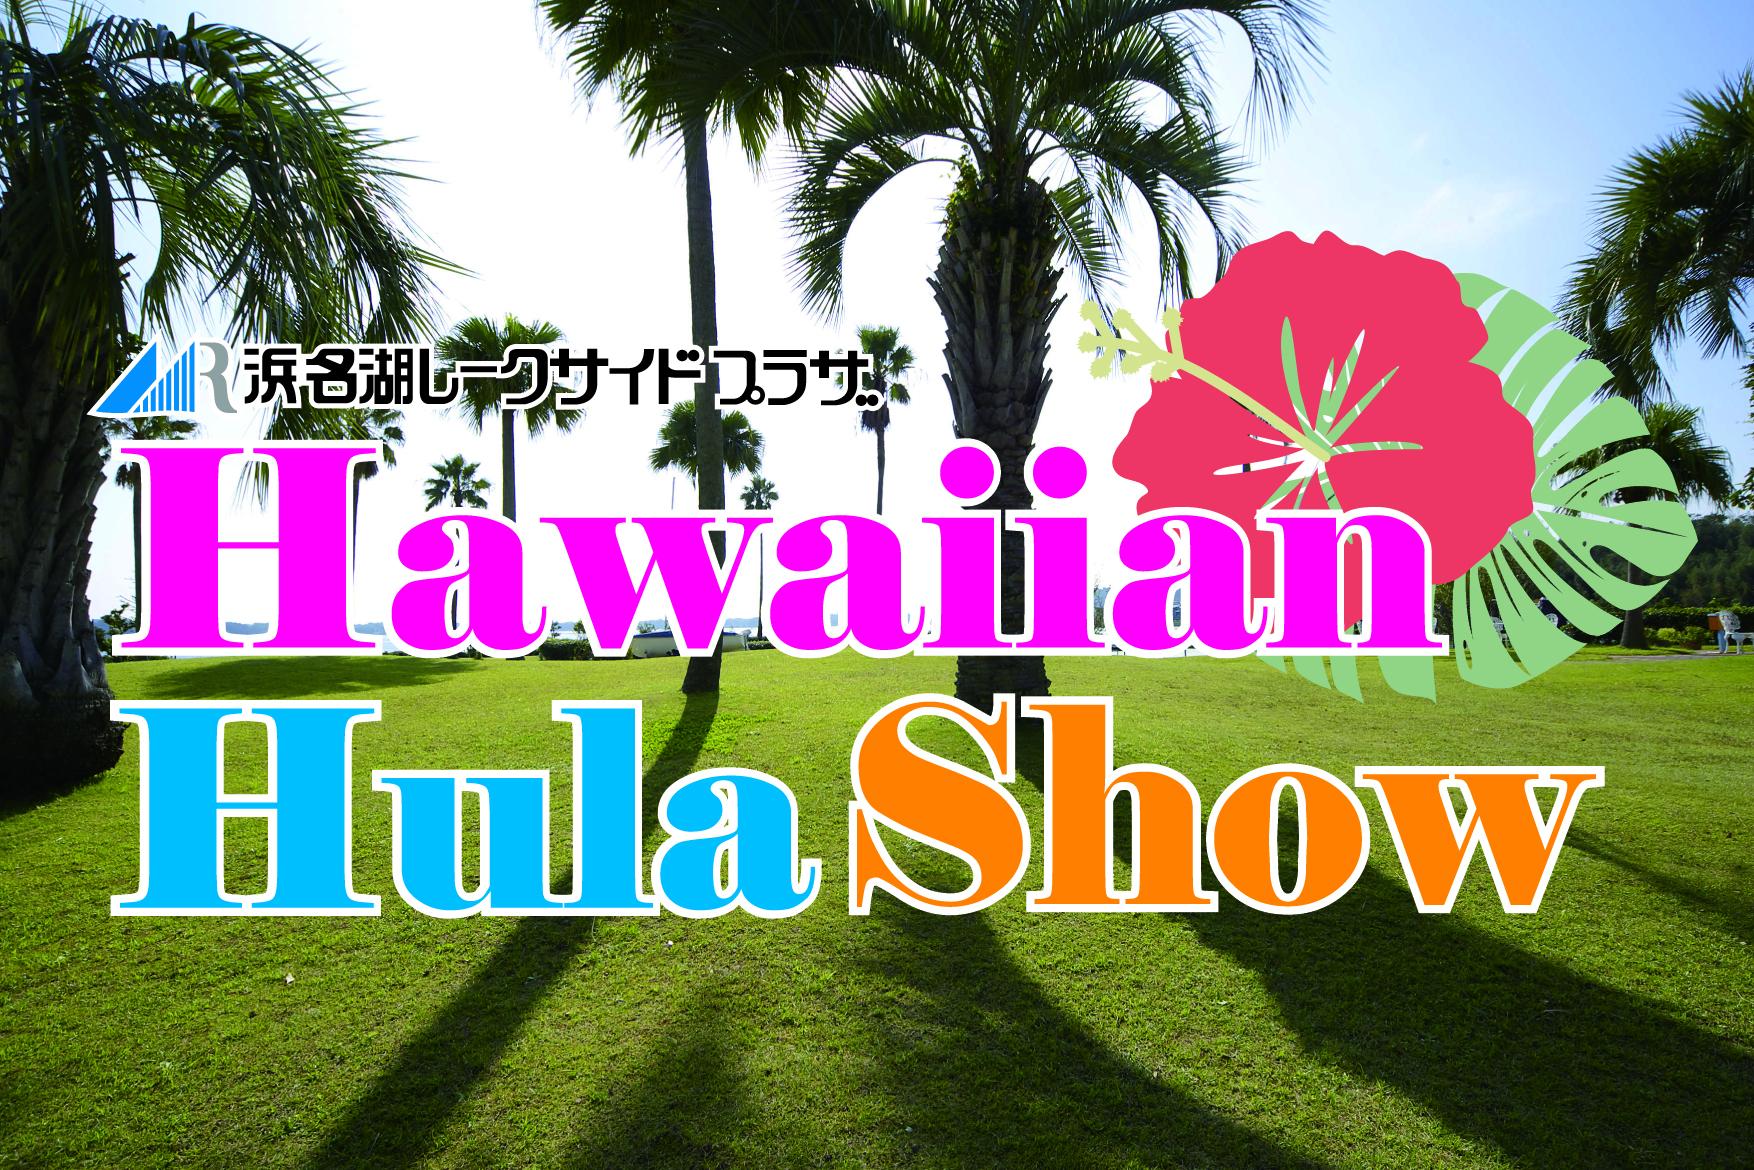 2021年7月8月の土・日曜日はハワイアンフラダンスショー開催